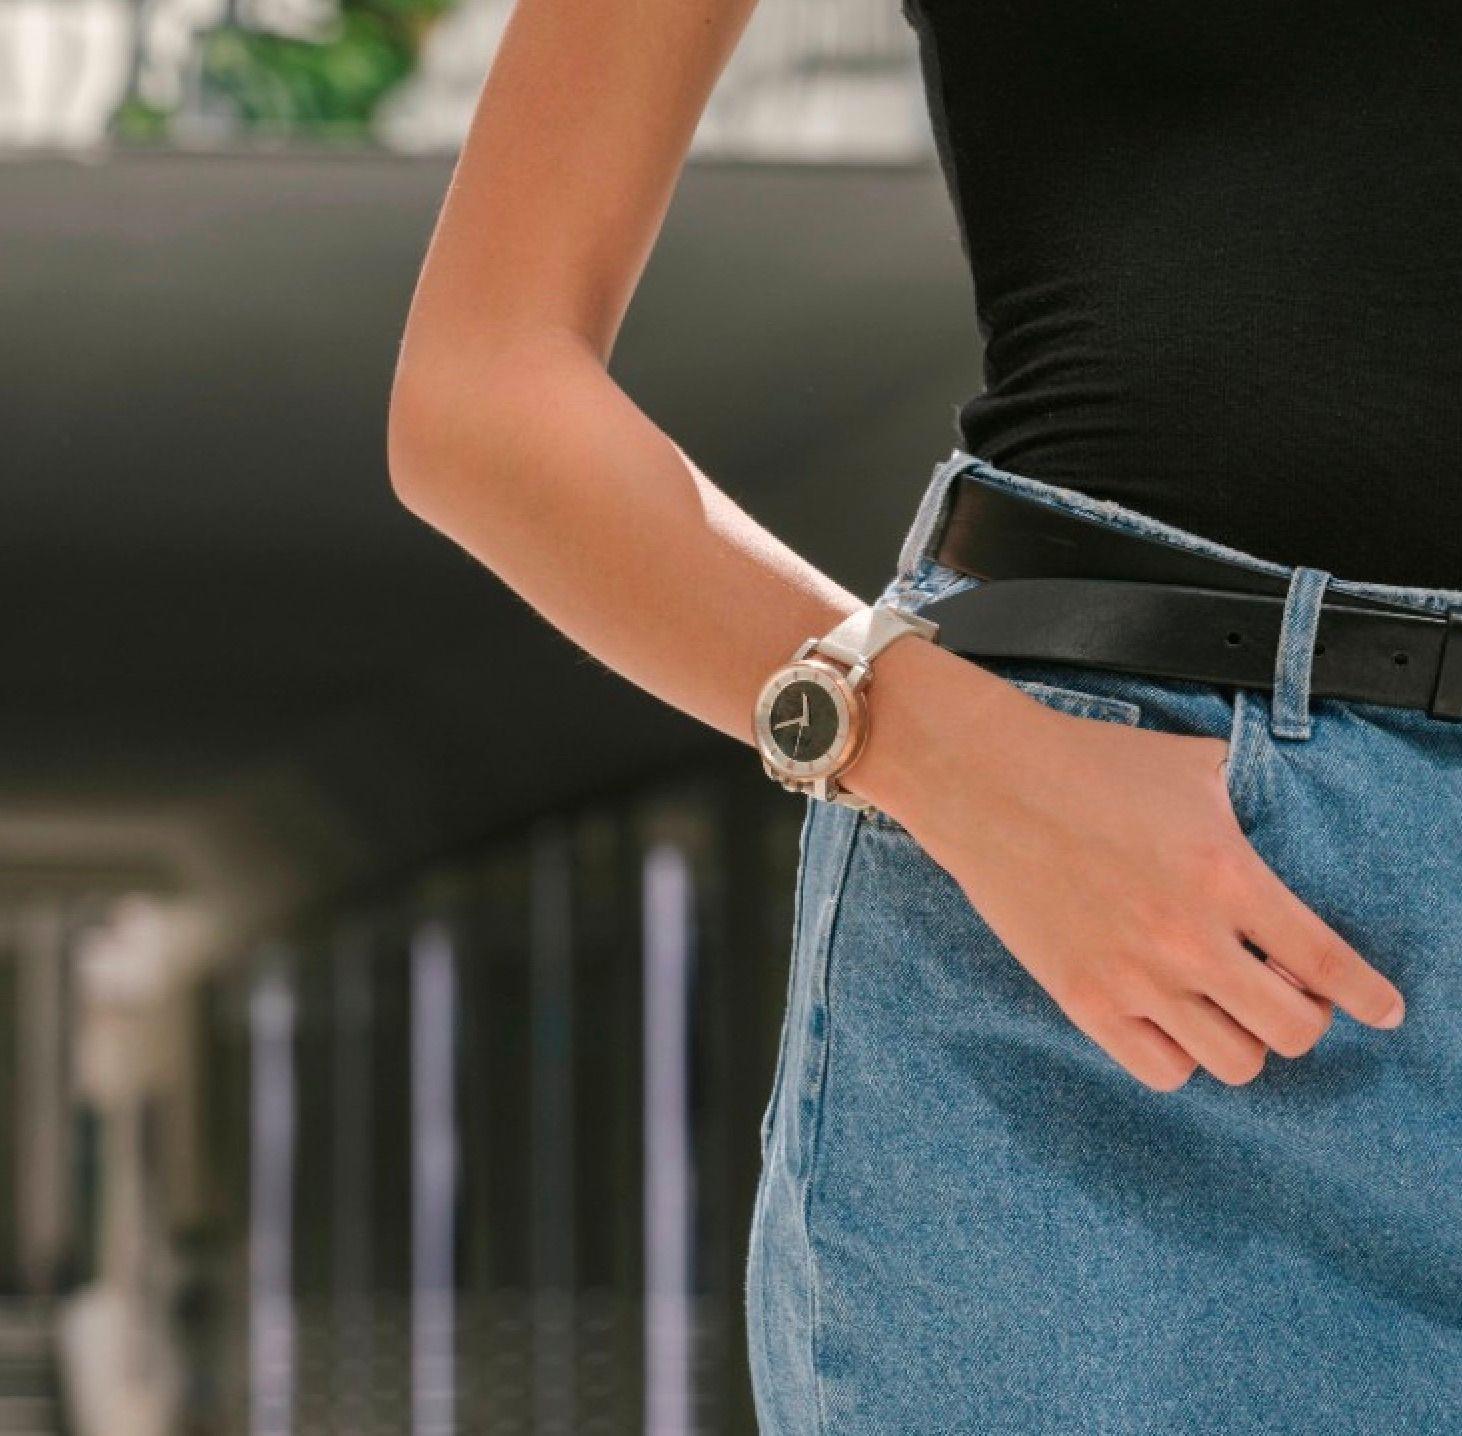 La subtile élégante d'une FOB Paris rétro-futuristement inspirée par les montres de poche d'avant-hier…